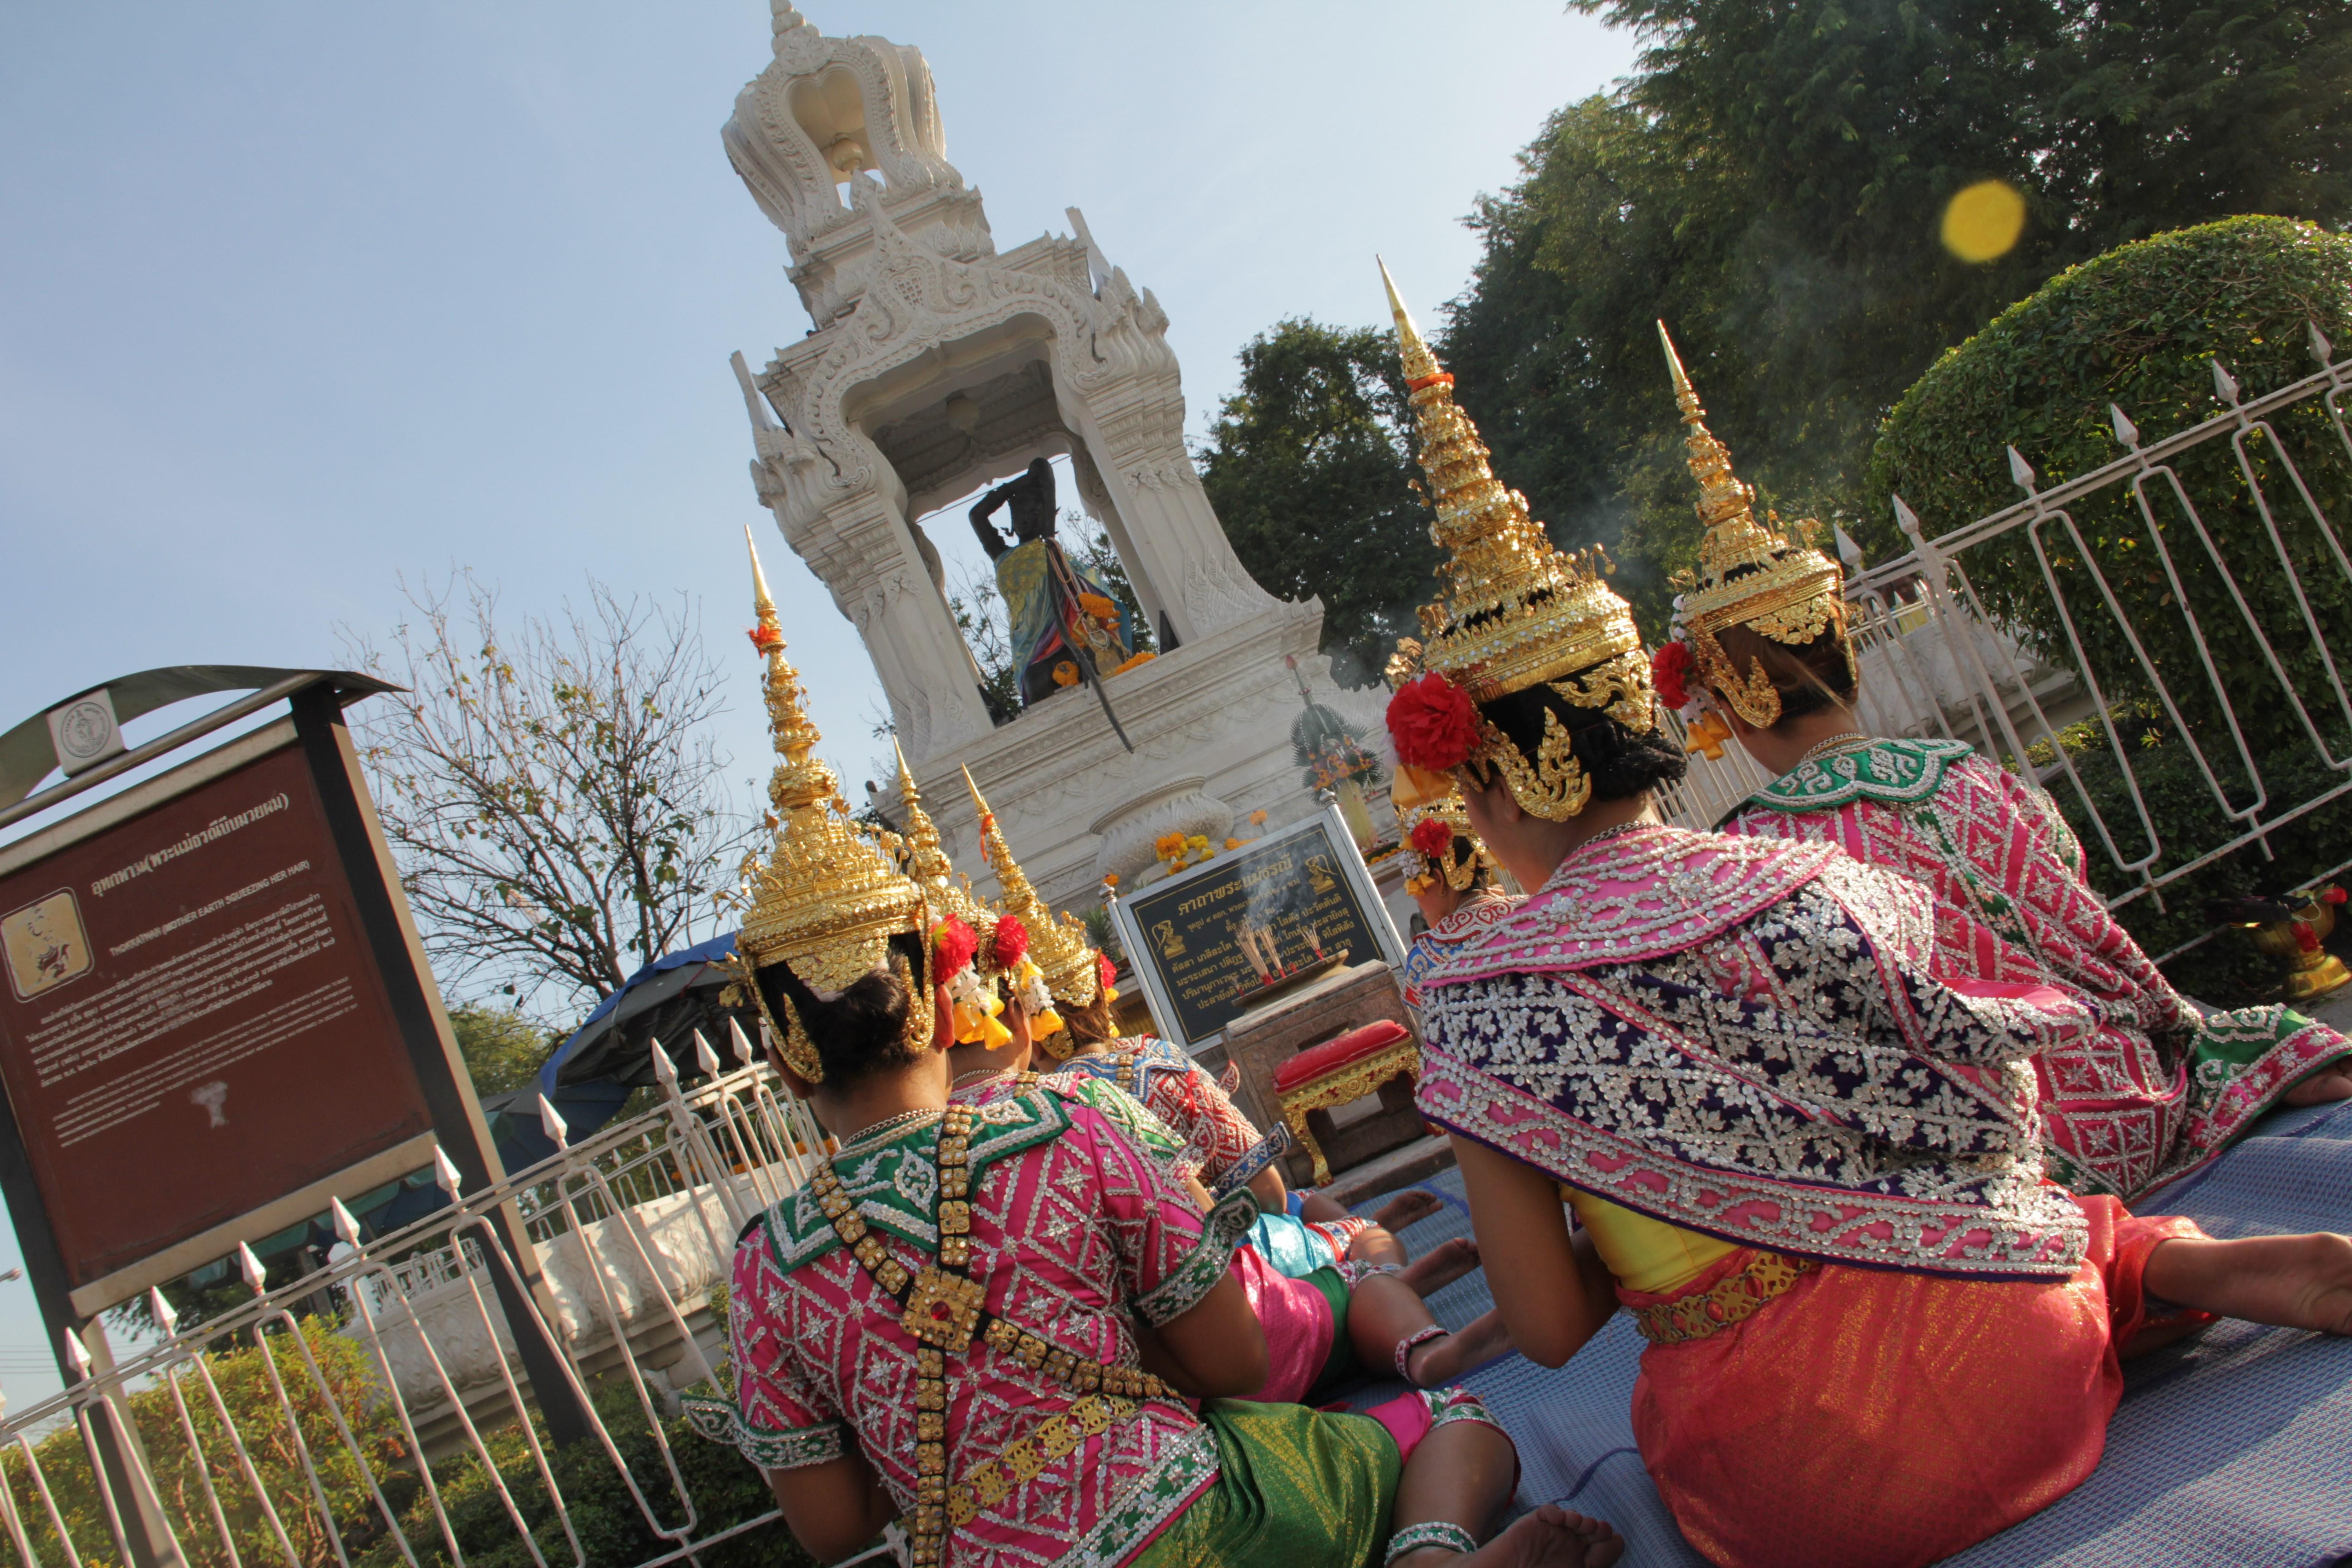 Dans le quartier royal, des Thaïlandaises rendent hommage à Thokkathan. Cette divinité, érigée en 1917, devait faciliter l'accès de la population à l'eau potable. (© Jérôme Decoster).